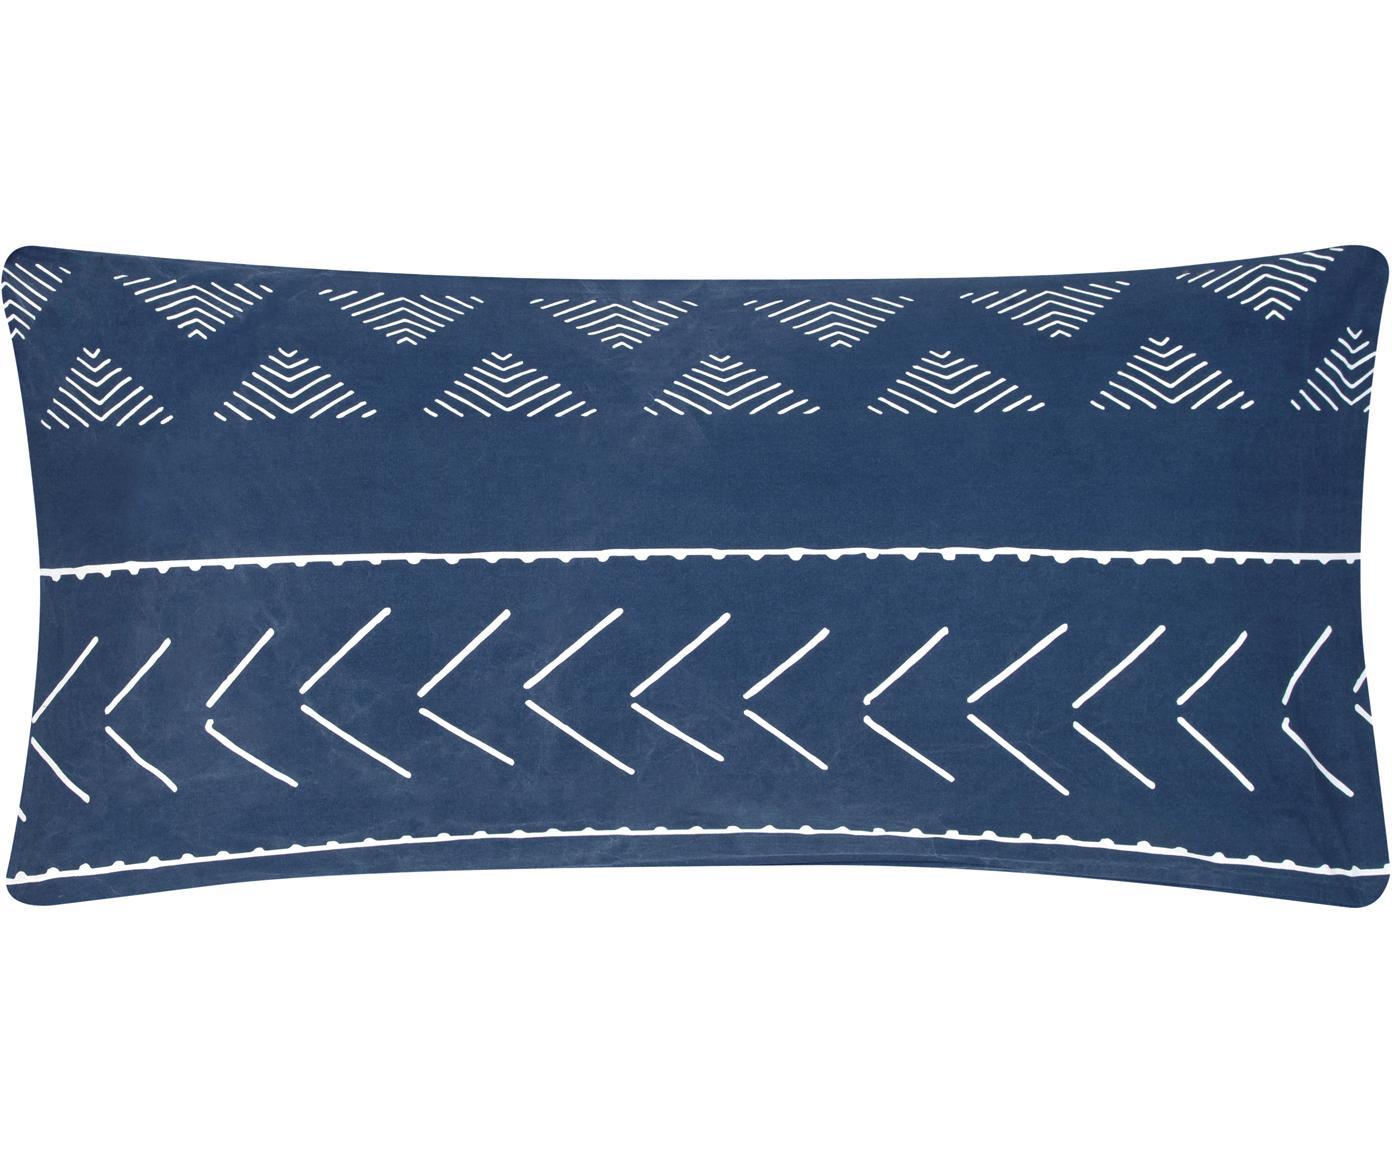 Poszewka na poduszkę z bawełny z efektem sprania Kohana, 2szt., Ciemny niebieski, ecru, S 40 x D 80 cm